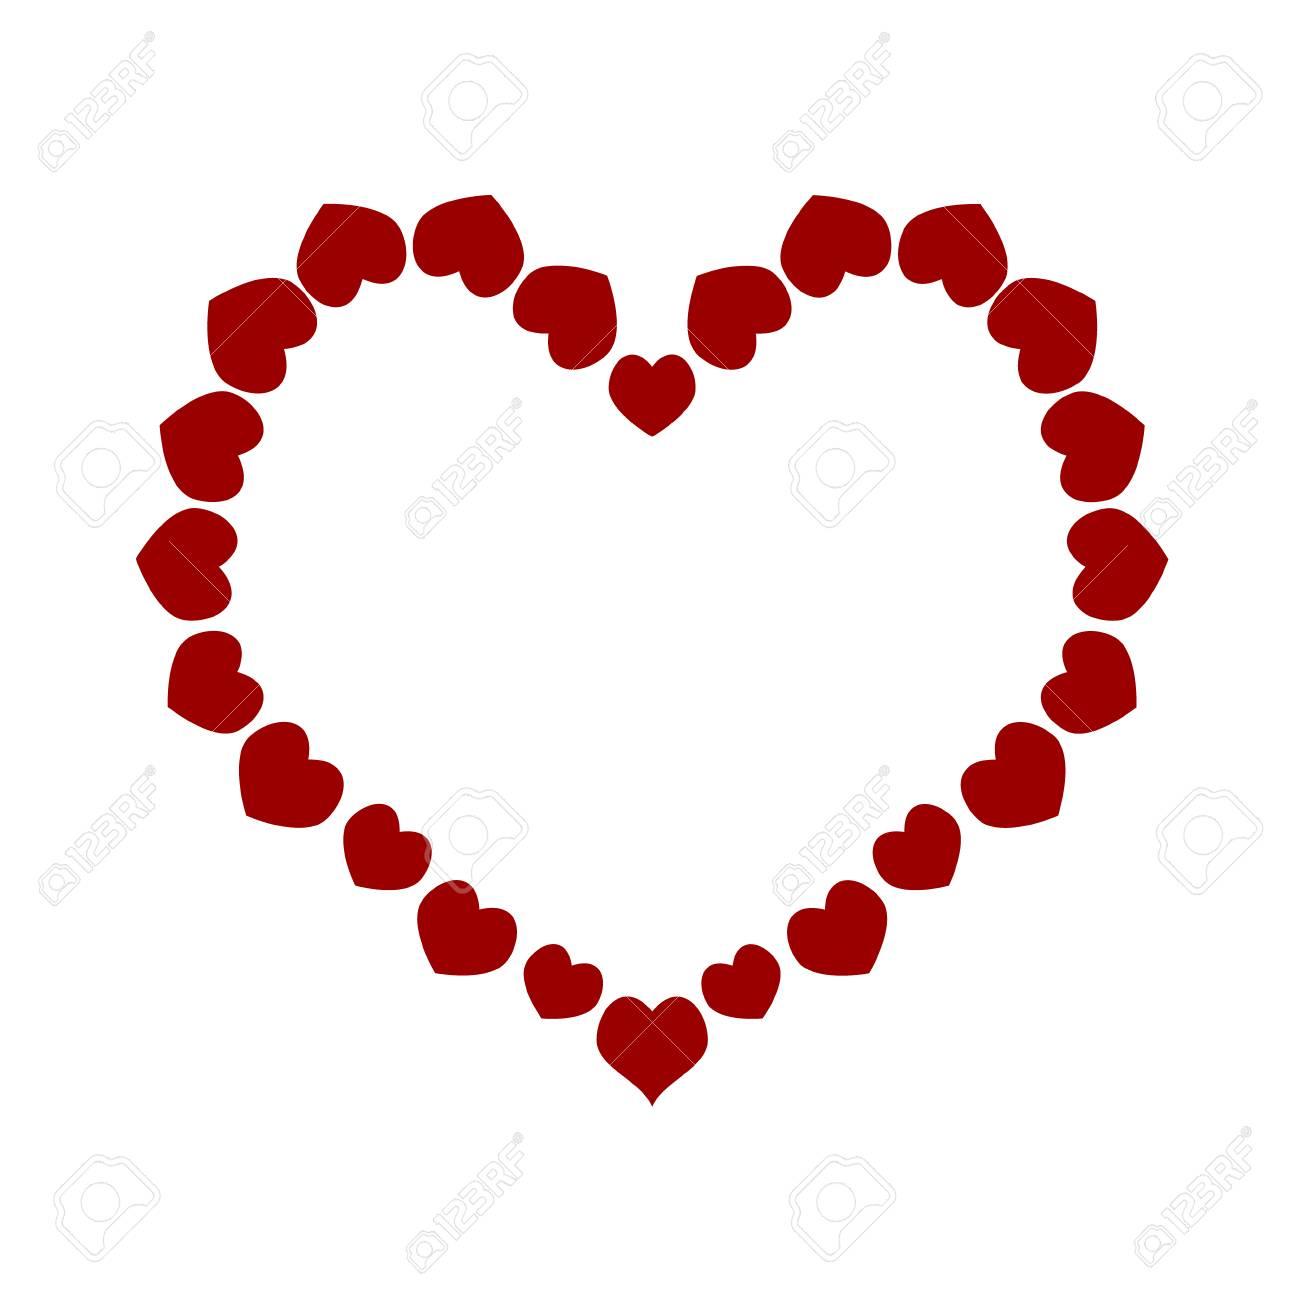 Corazón Hecho De Pequeños Corazones Amo Los Pequeños Momentos El